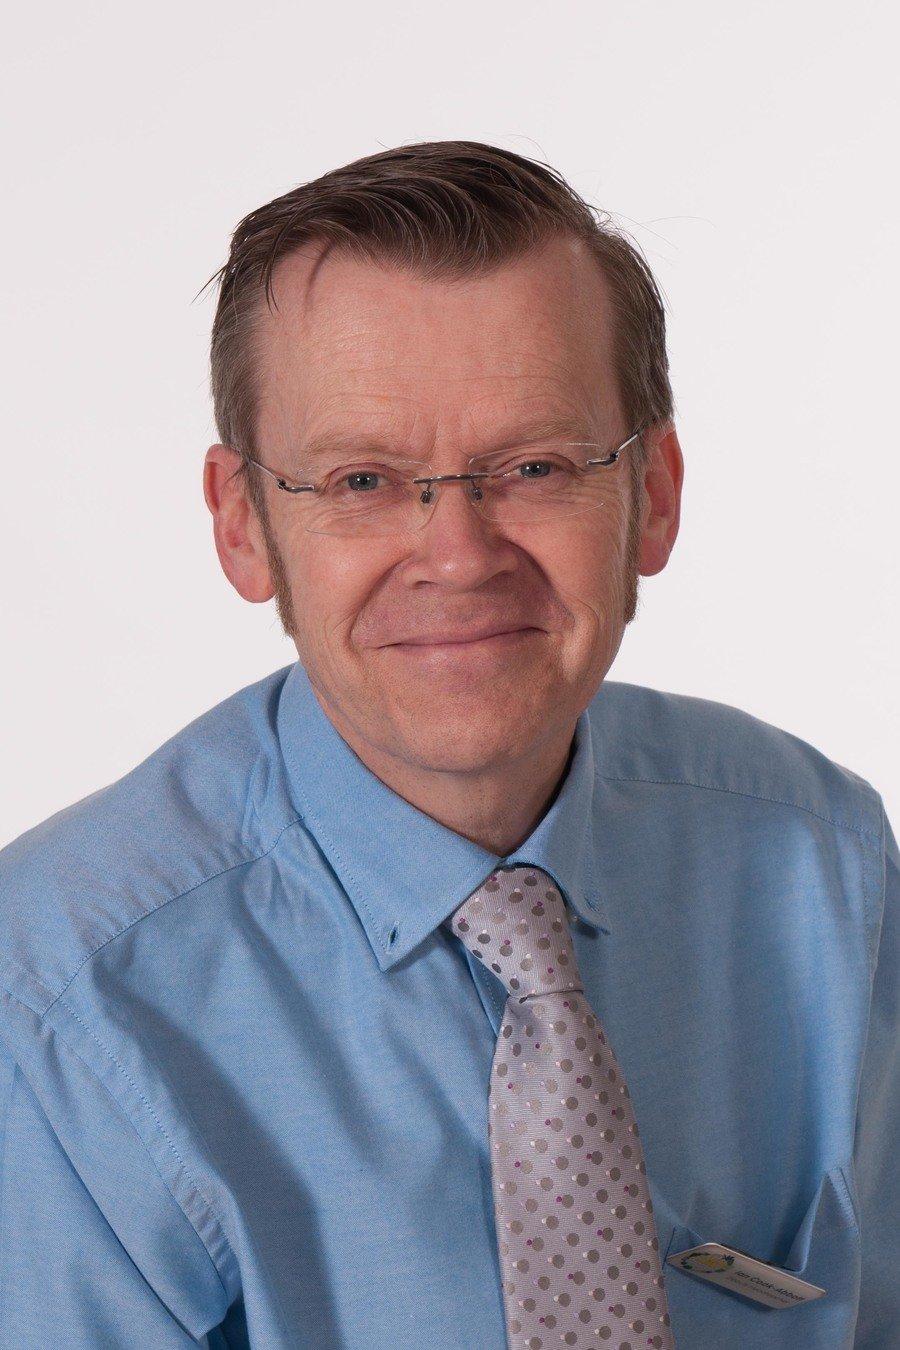 Ian Cook Abbott MA, NPQH, BA (Hons) QTS, Cert SEN; Deputy Headteacher